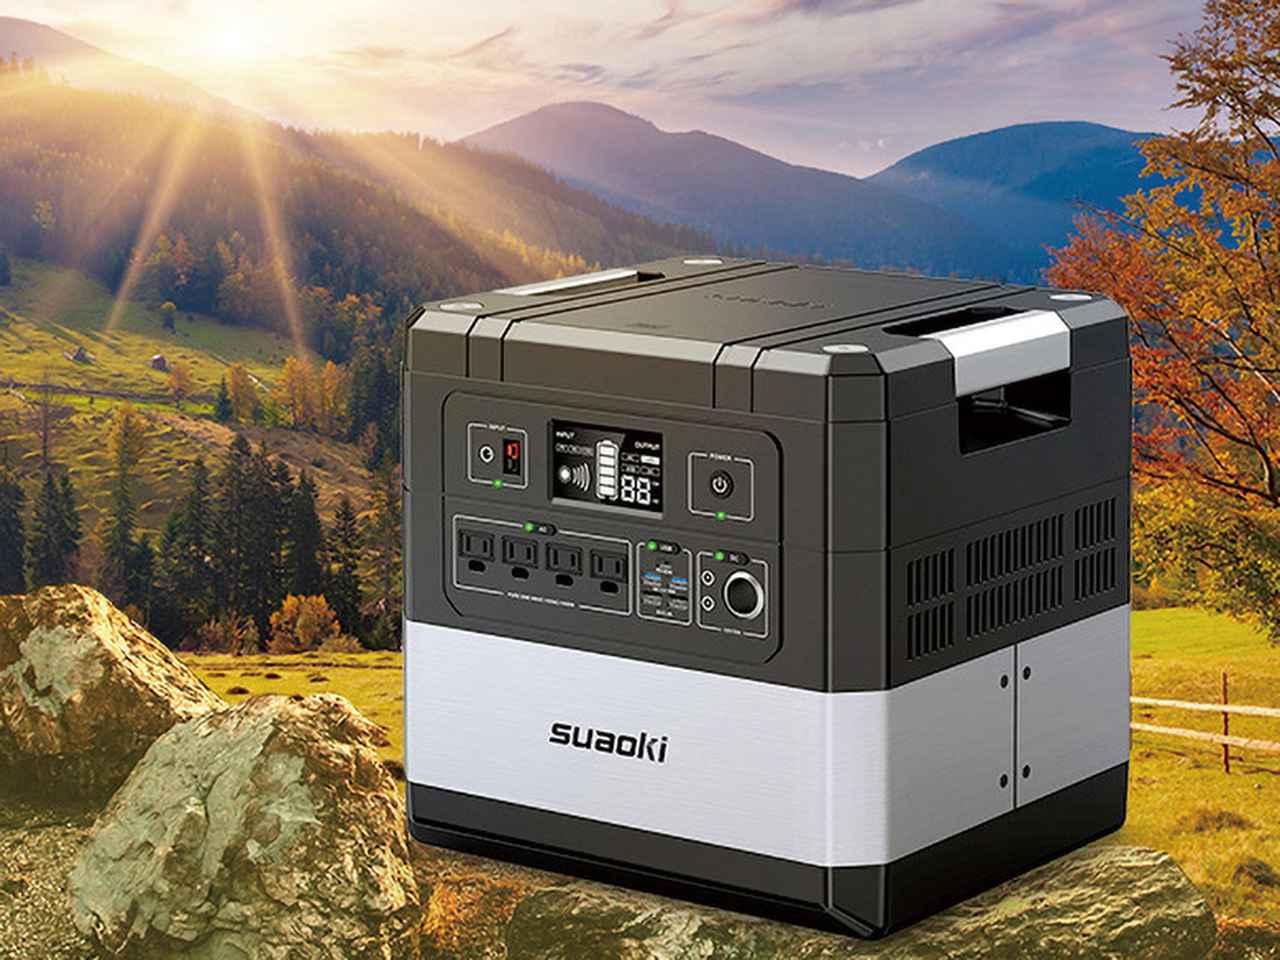 画像: 突然の停電を検知して瞬間的にインバーター給電に切り替わる、無停電電源装置を装備した大容量蓄電池